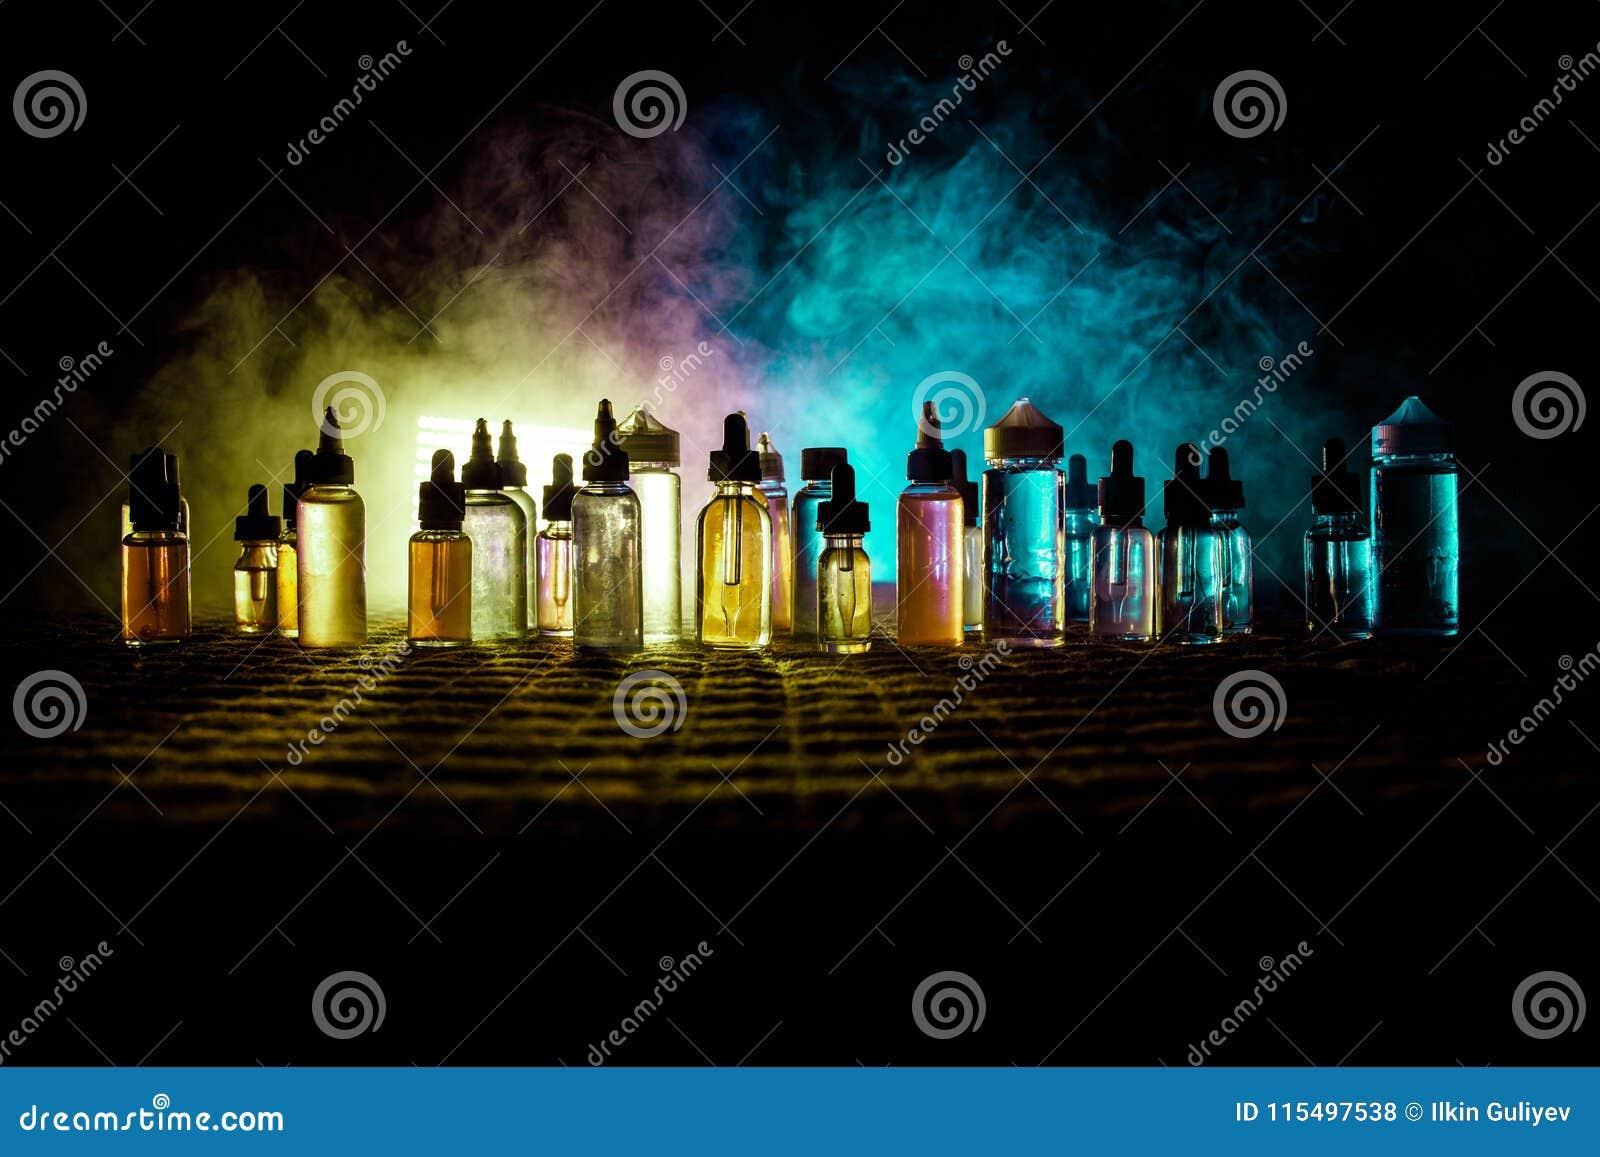 Vape begrepp Rökmoln och vapevätskeflaskor på mörk bakgrund stor ljus deltagarekapacitet för effekter Användbart som bakgrunds- e